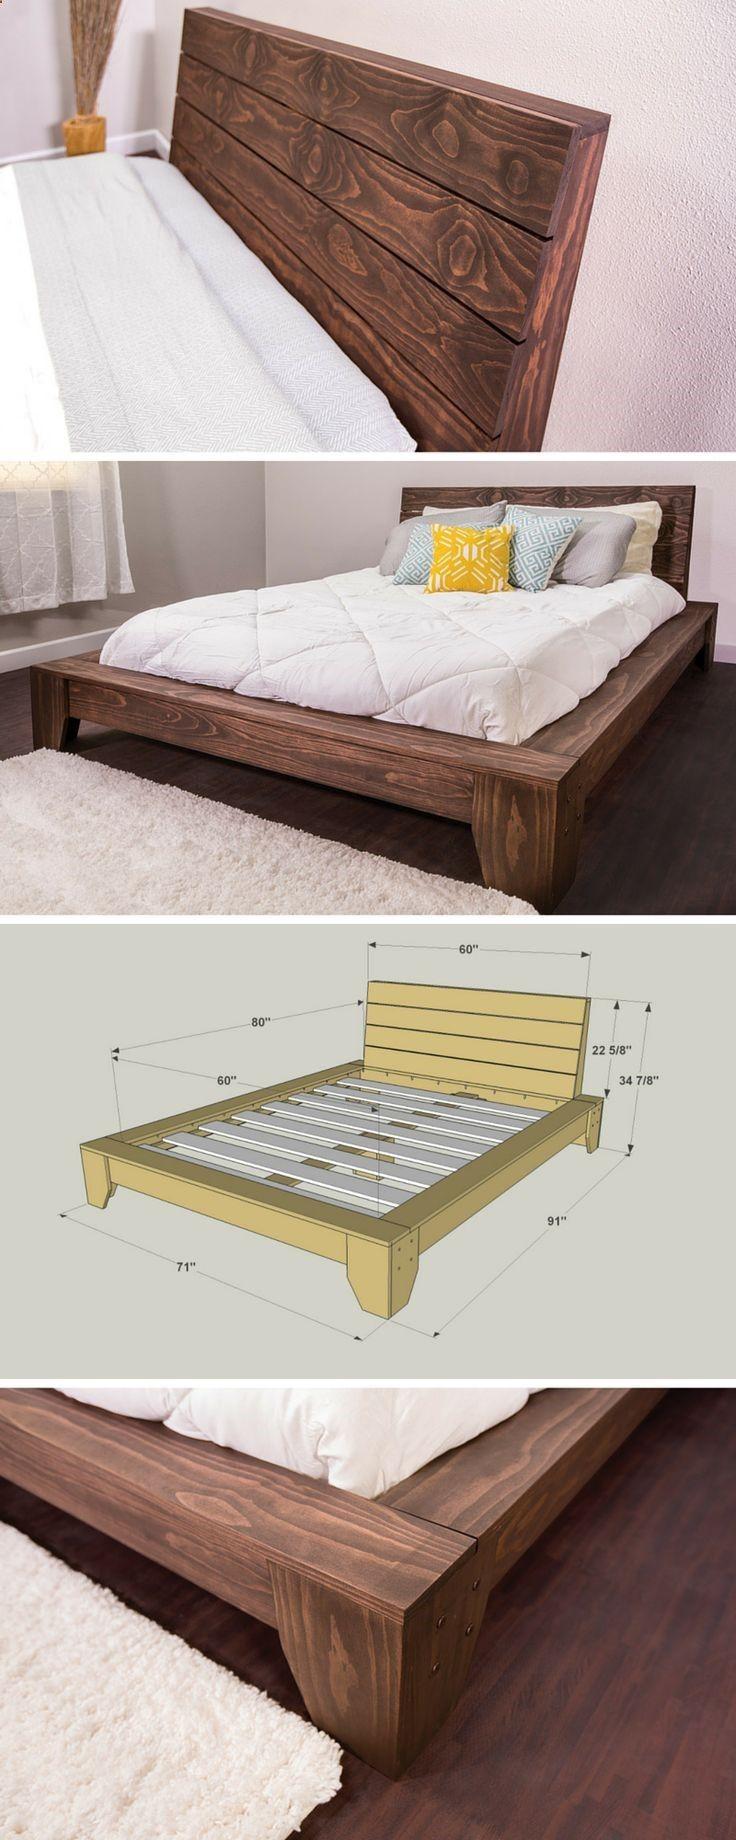 die besten 25+ schlafzimmer komplett massivholz ideen auf, Schlafzimmer entwurf